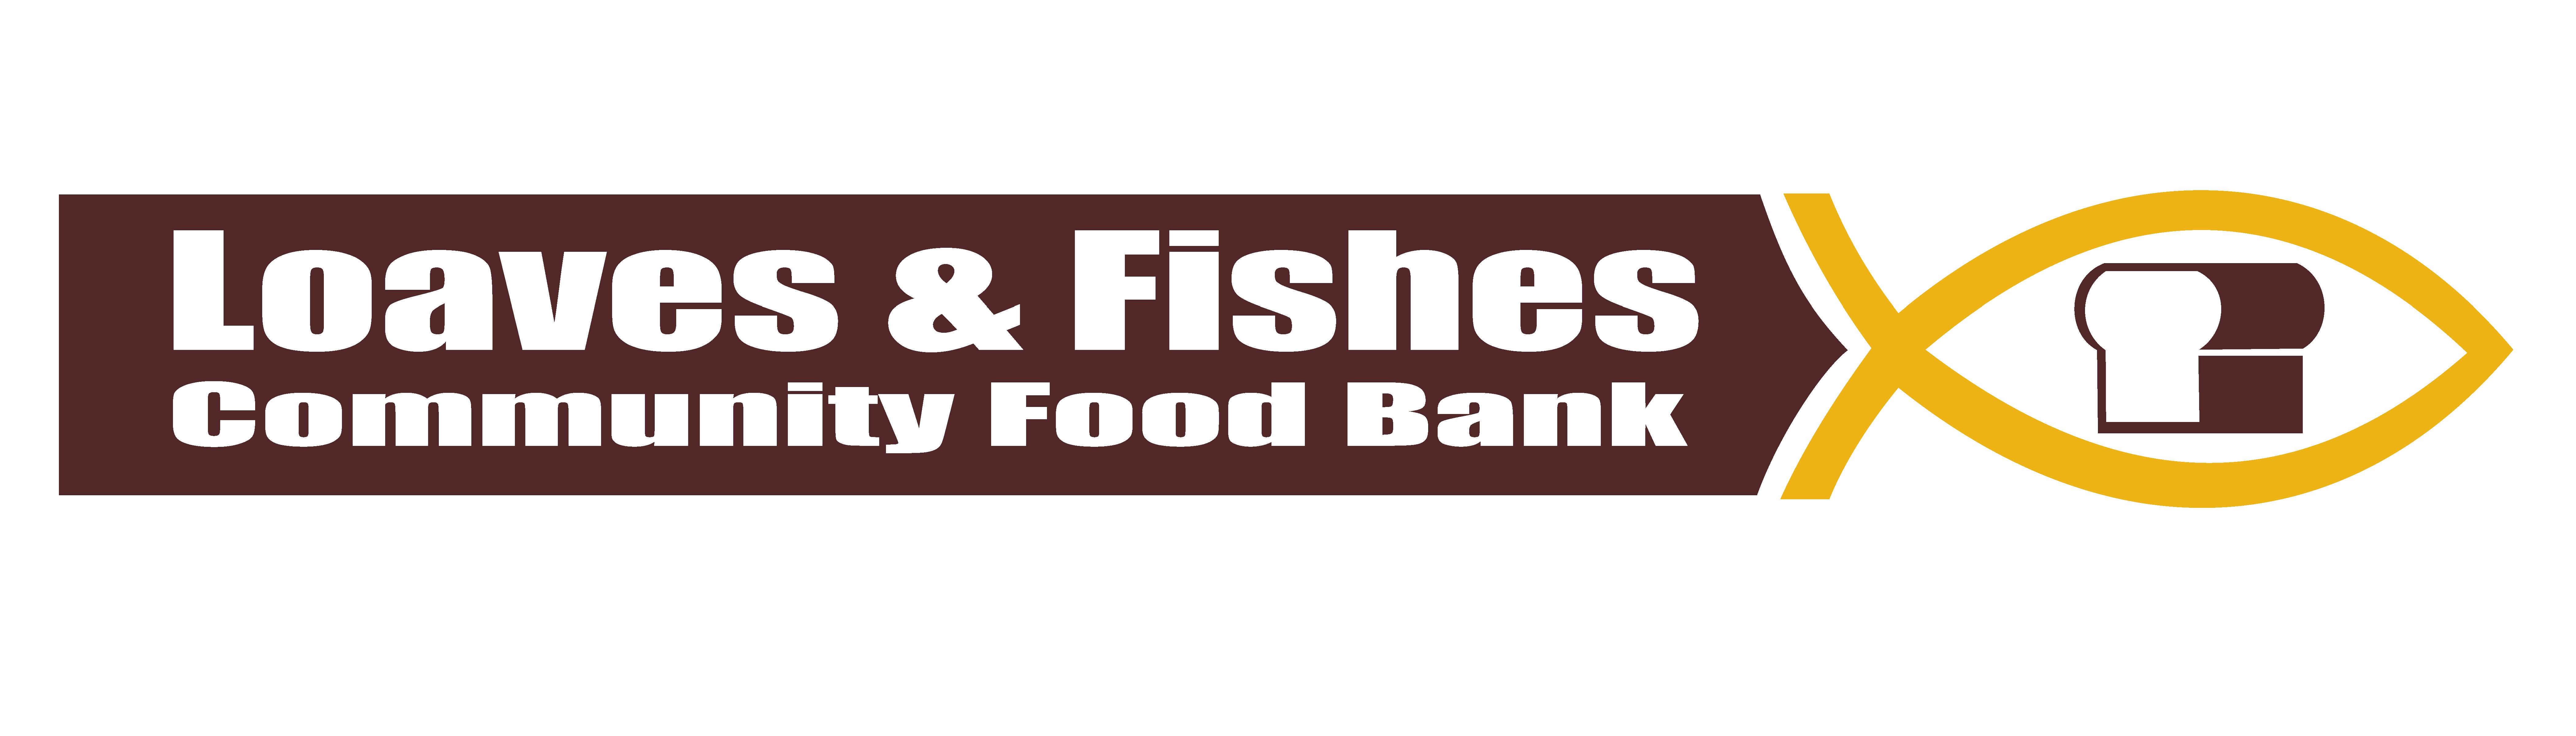 Nanaimo loaves and fishes charity logo.